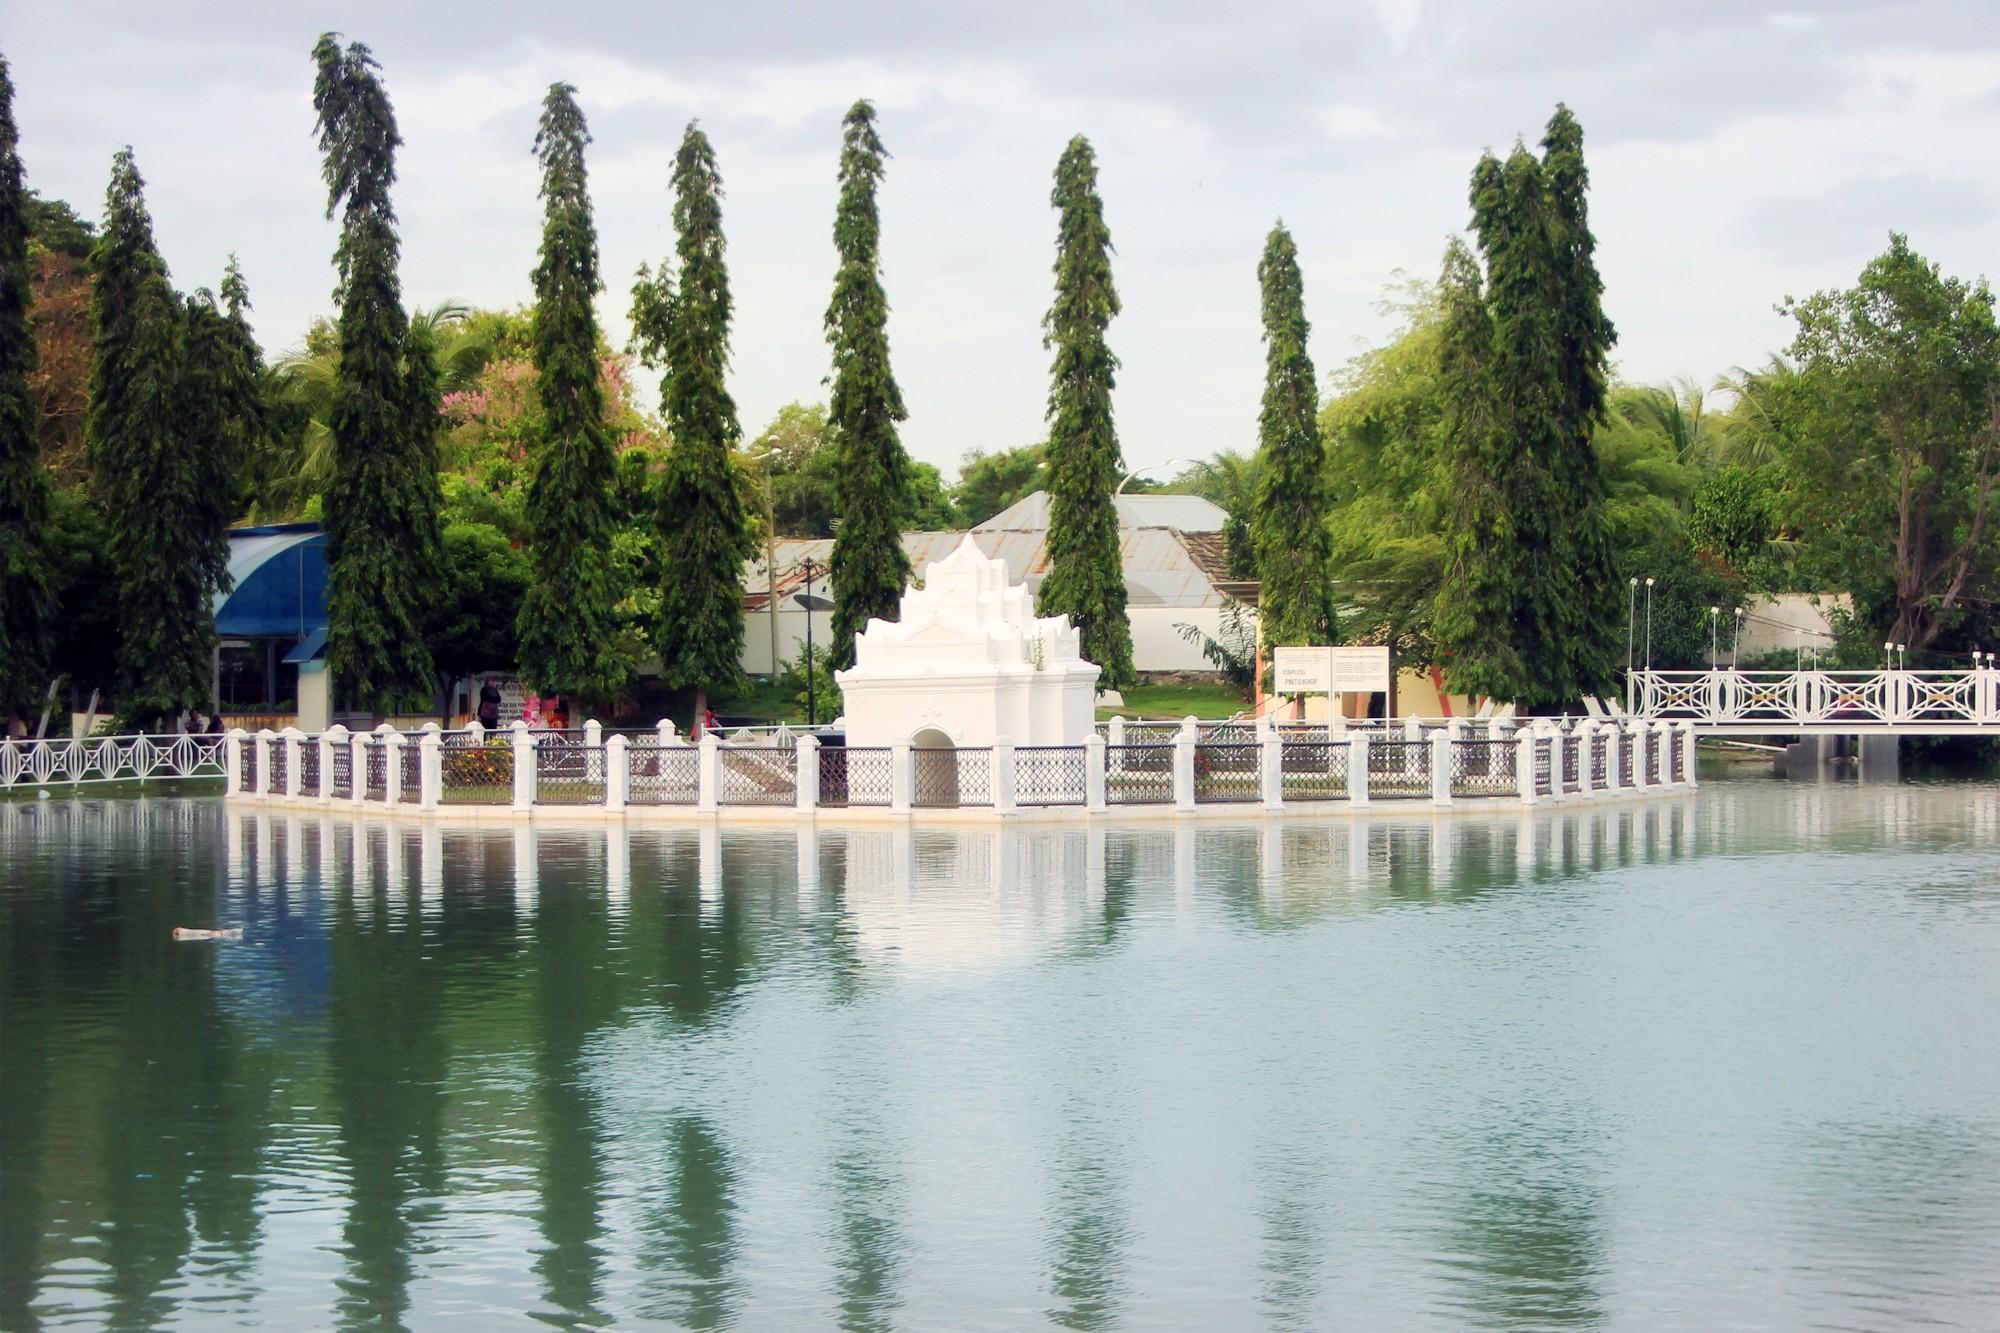 Pinto Khop, dahulu merupakan gerbang penghubung Taman Ghairah dengan Istana